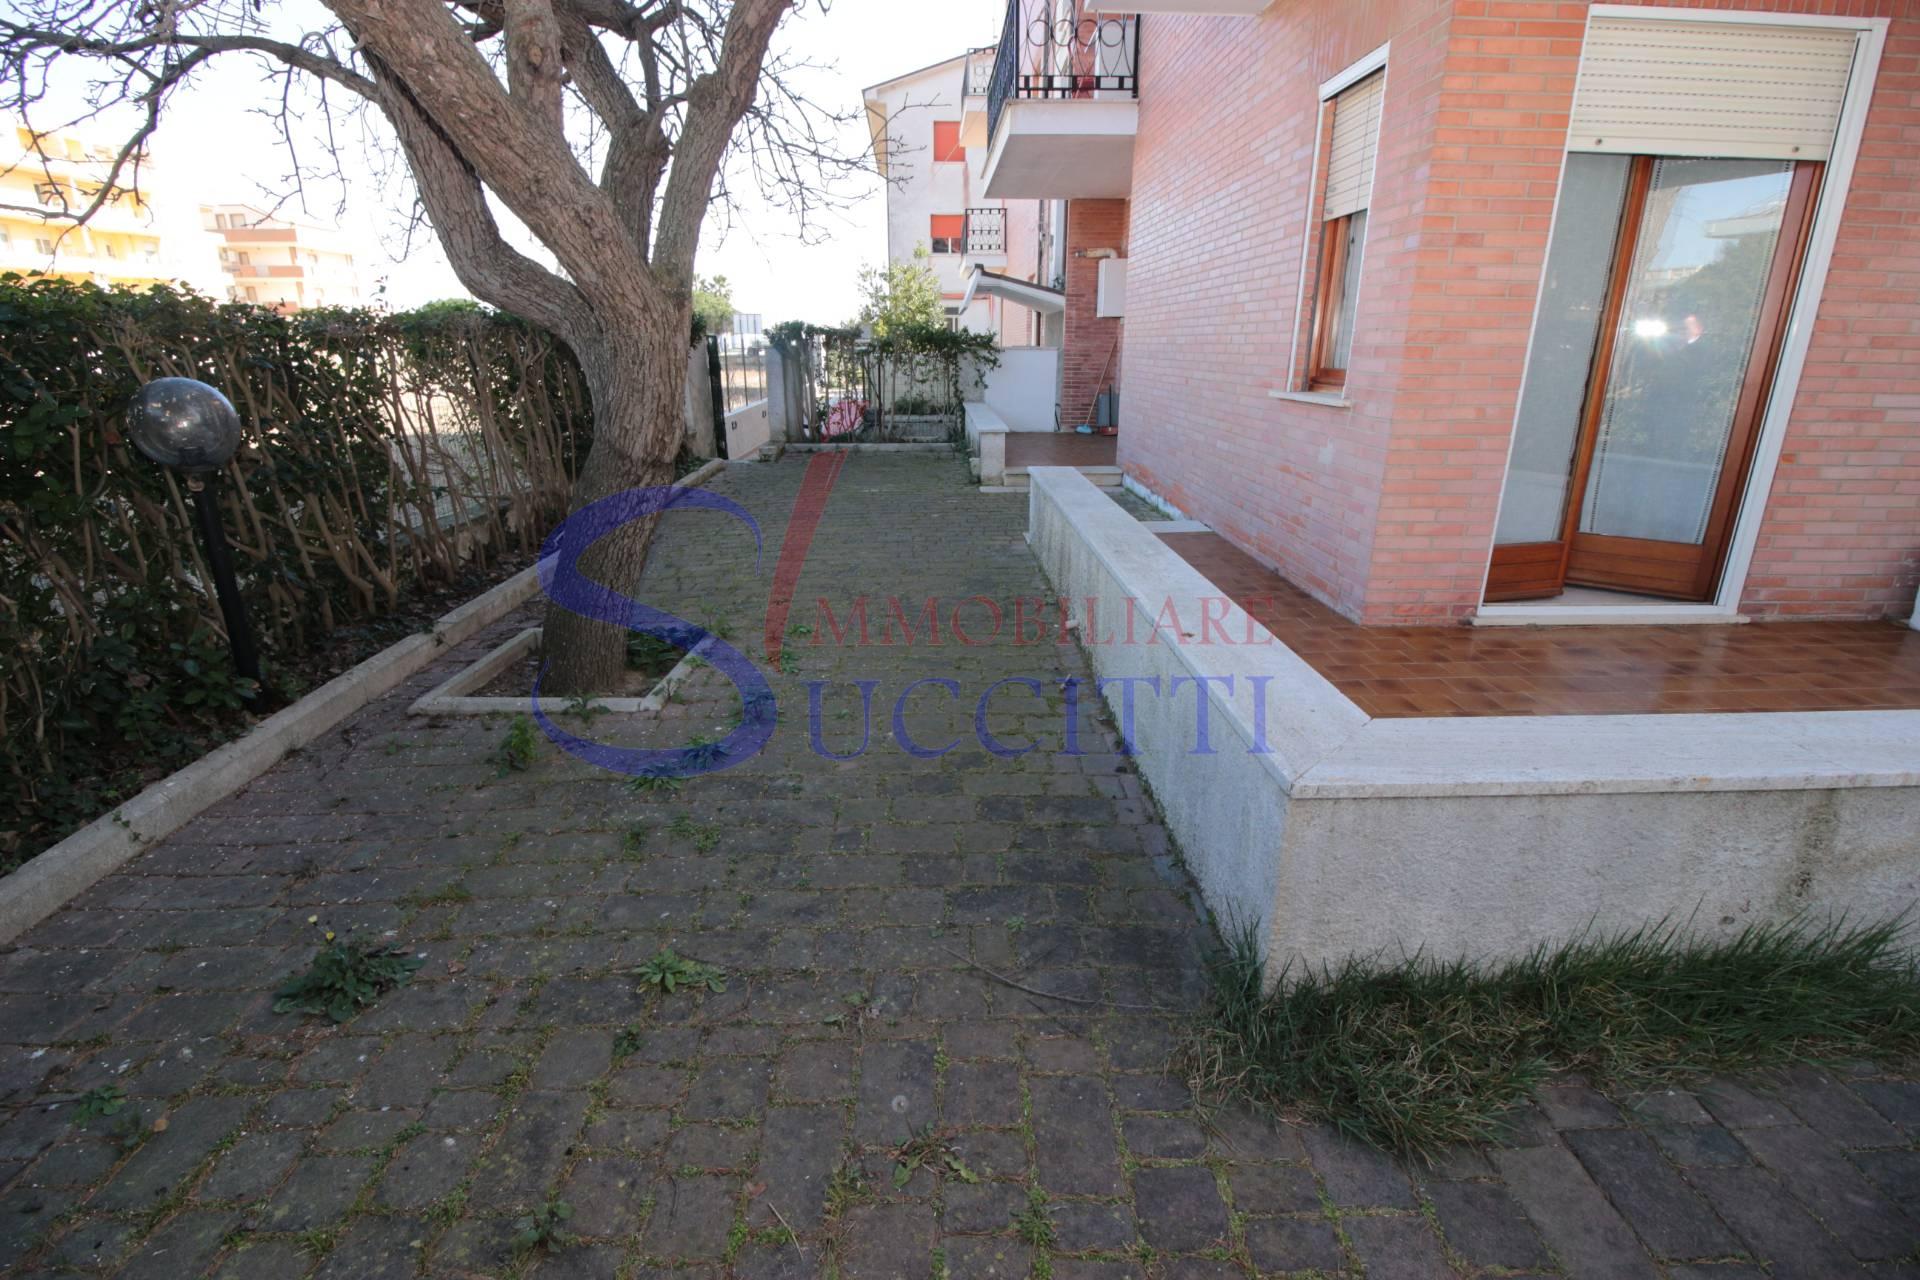 Appartamento in vendita a Alba Adriatica, 3 locali, zona Località: ZonaMare, prezzo € 135.000 | PortaleAgenzieImmobiliari.it